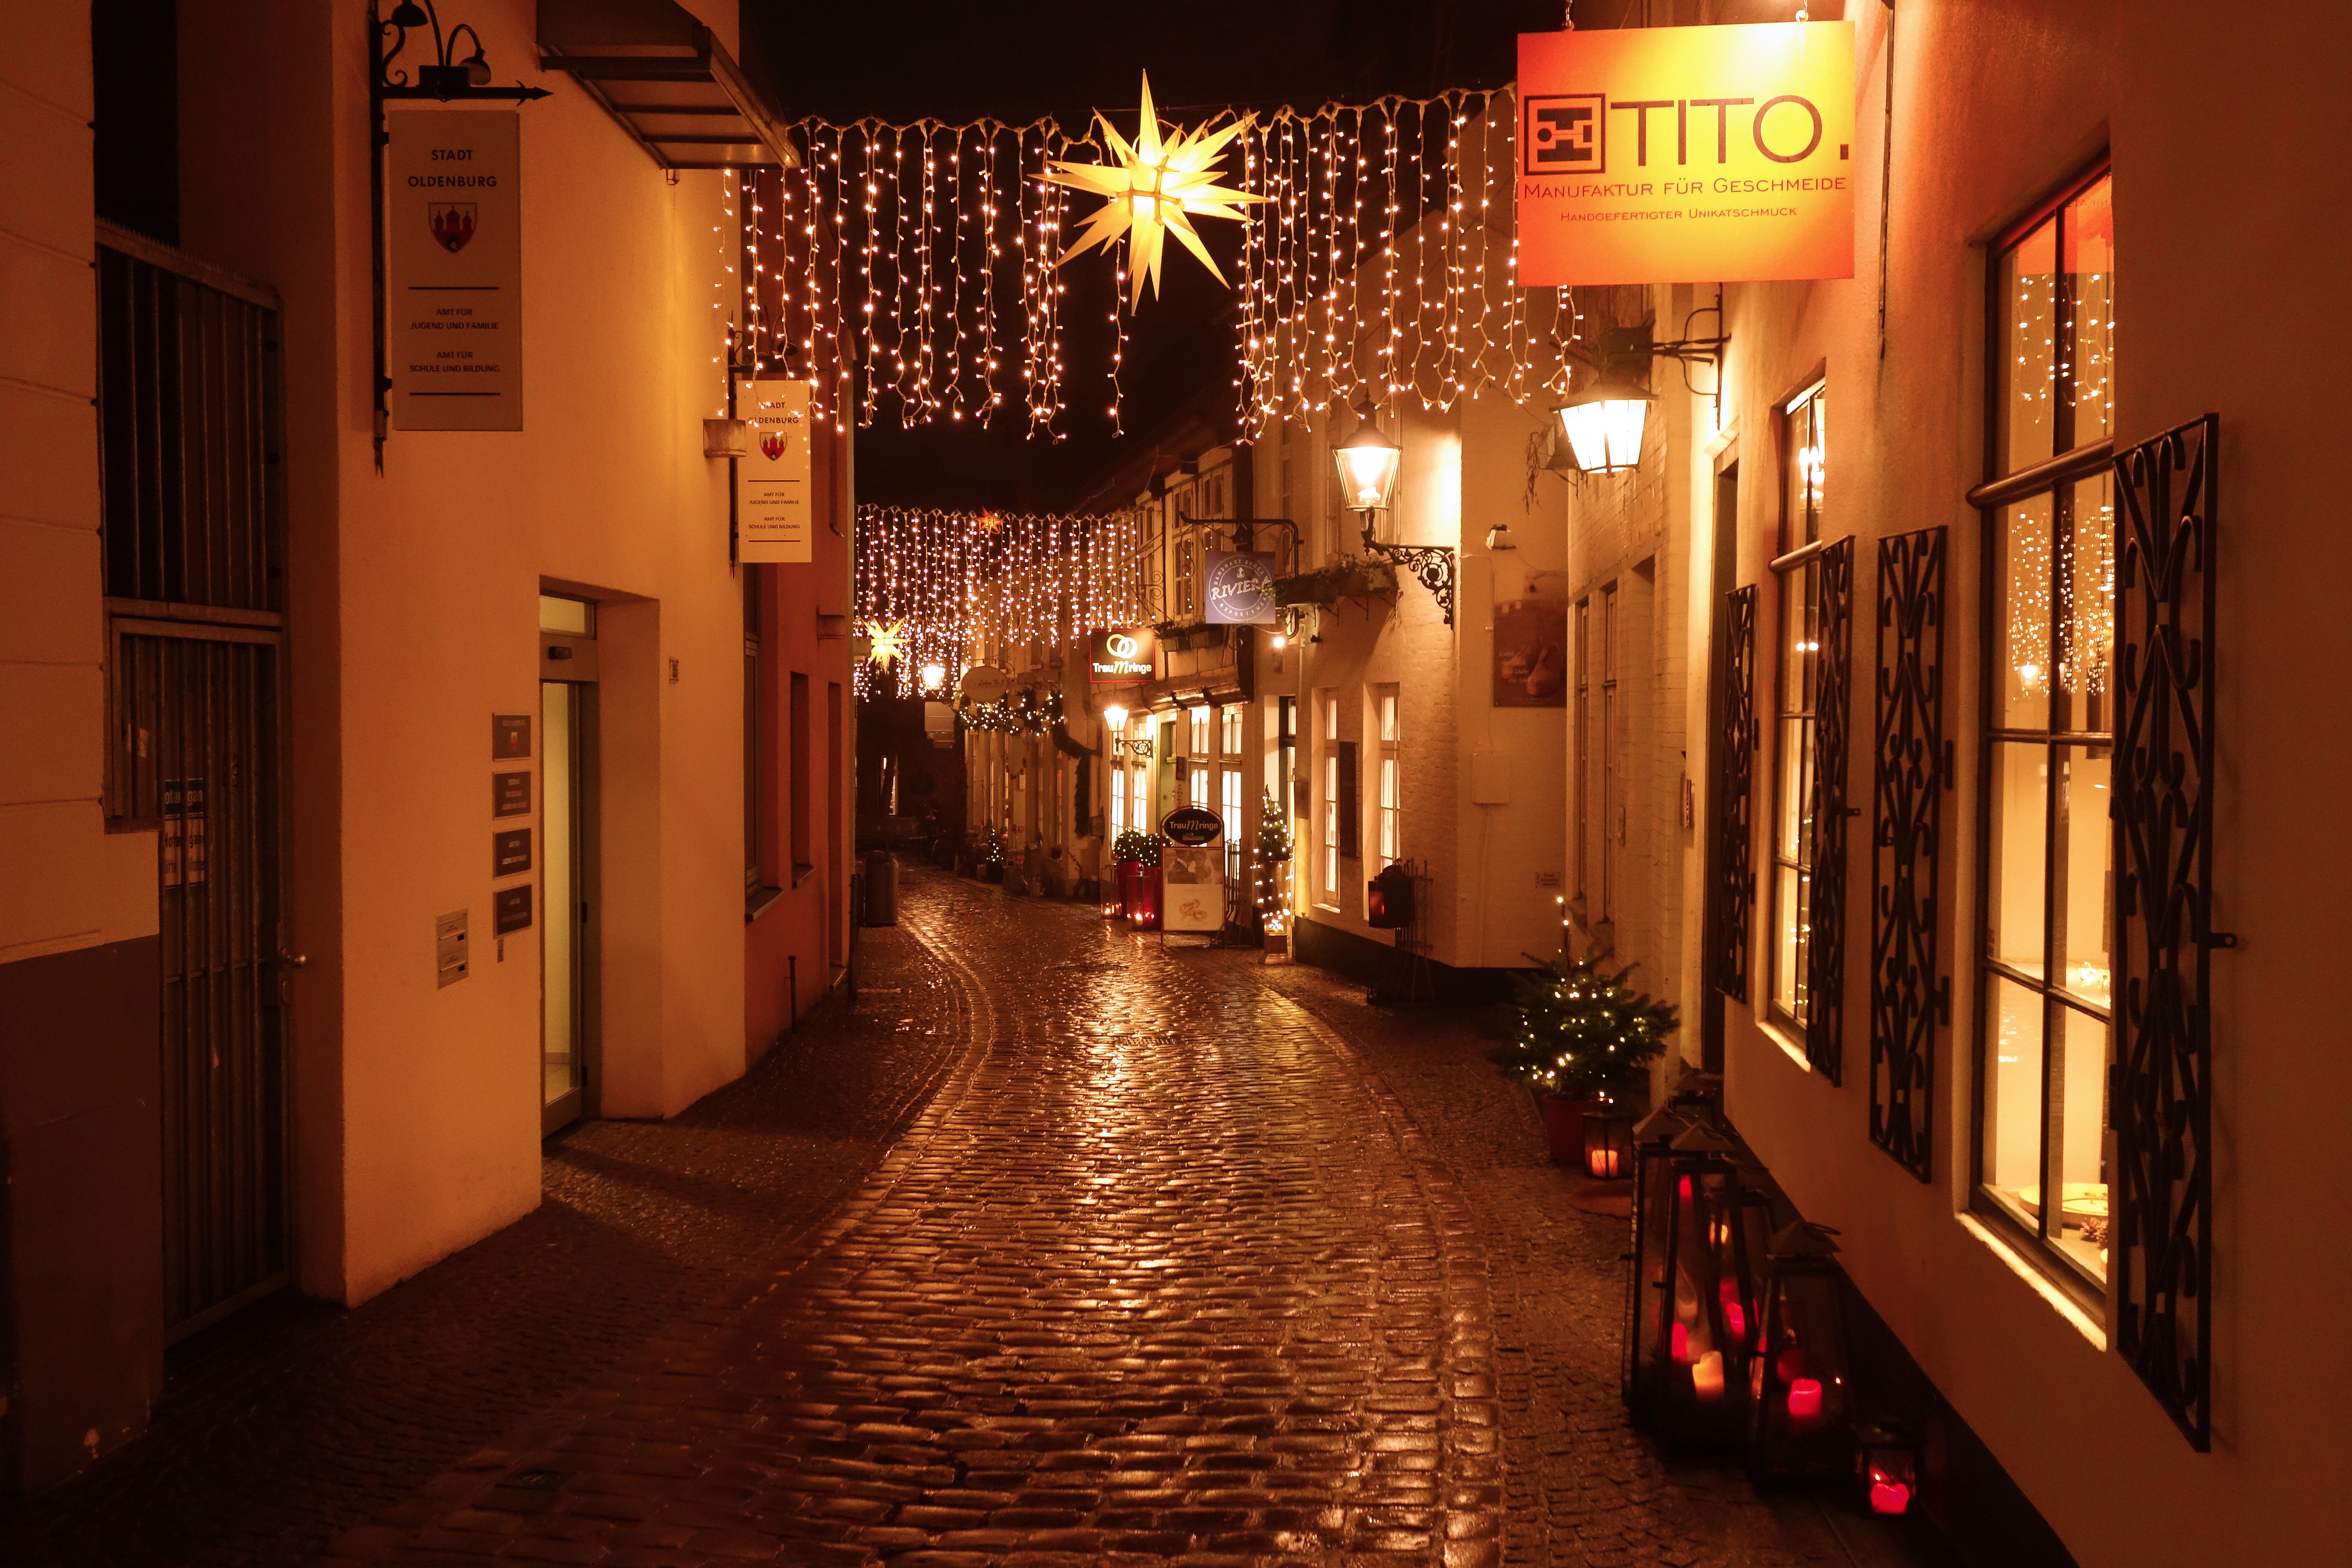 Weihnachtsbaum Drahtgestell.Dezember 2016 Licht Im Tierheim Und Ein Geklauter Weihnachtsbaum